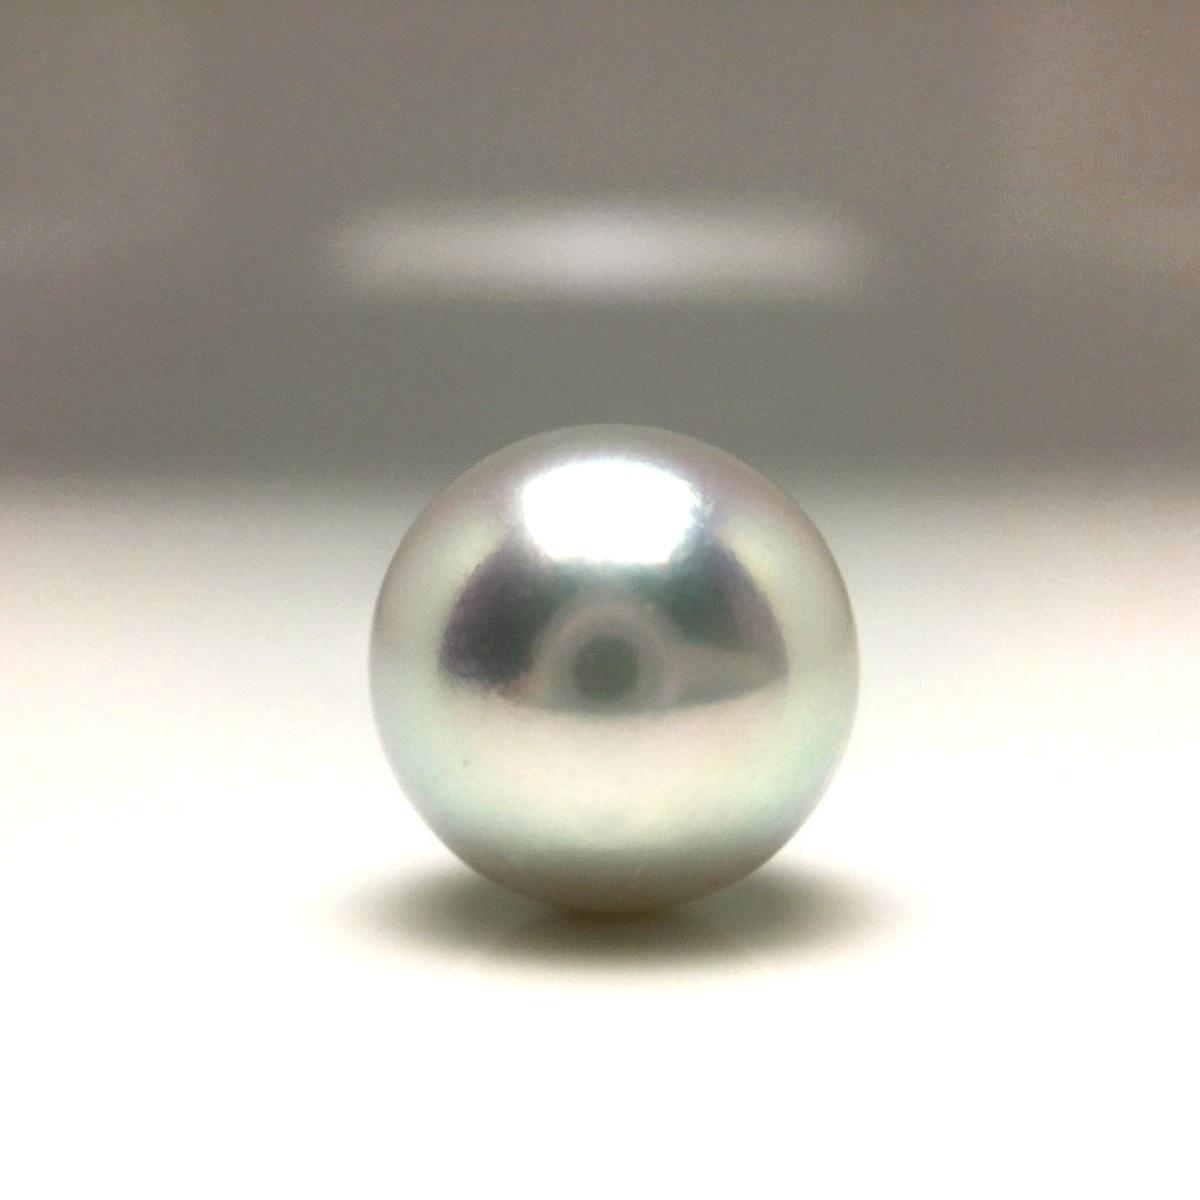 真珠 ネクタイピン パール アコヤ真珠 9.13mm ホワイトシルバーブルー(ナチュラル) Pt900 プラチナ 66508 イソワパール